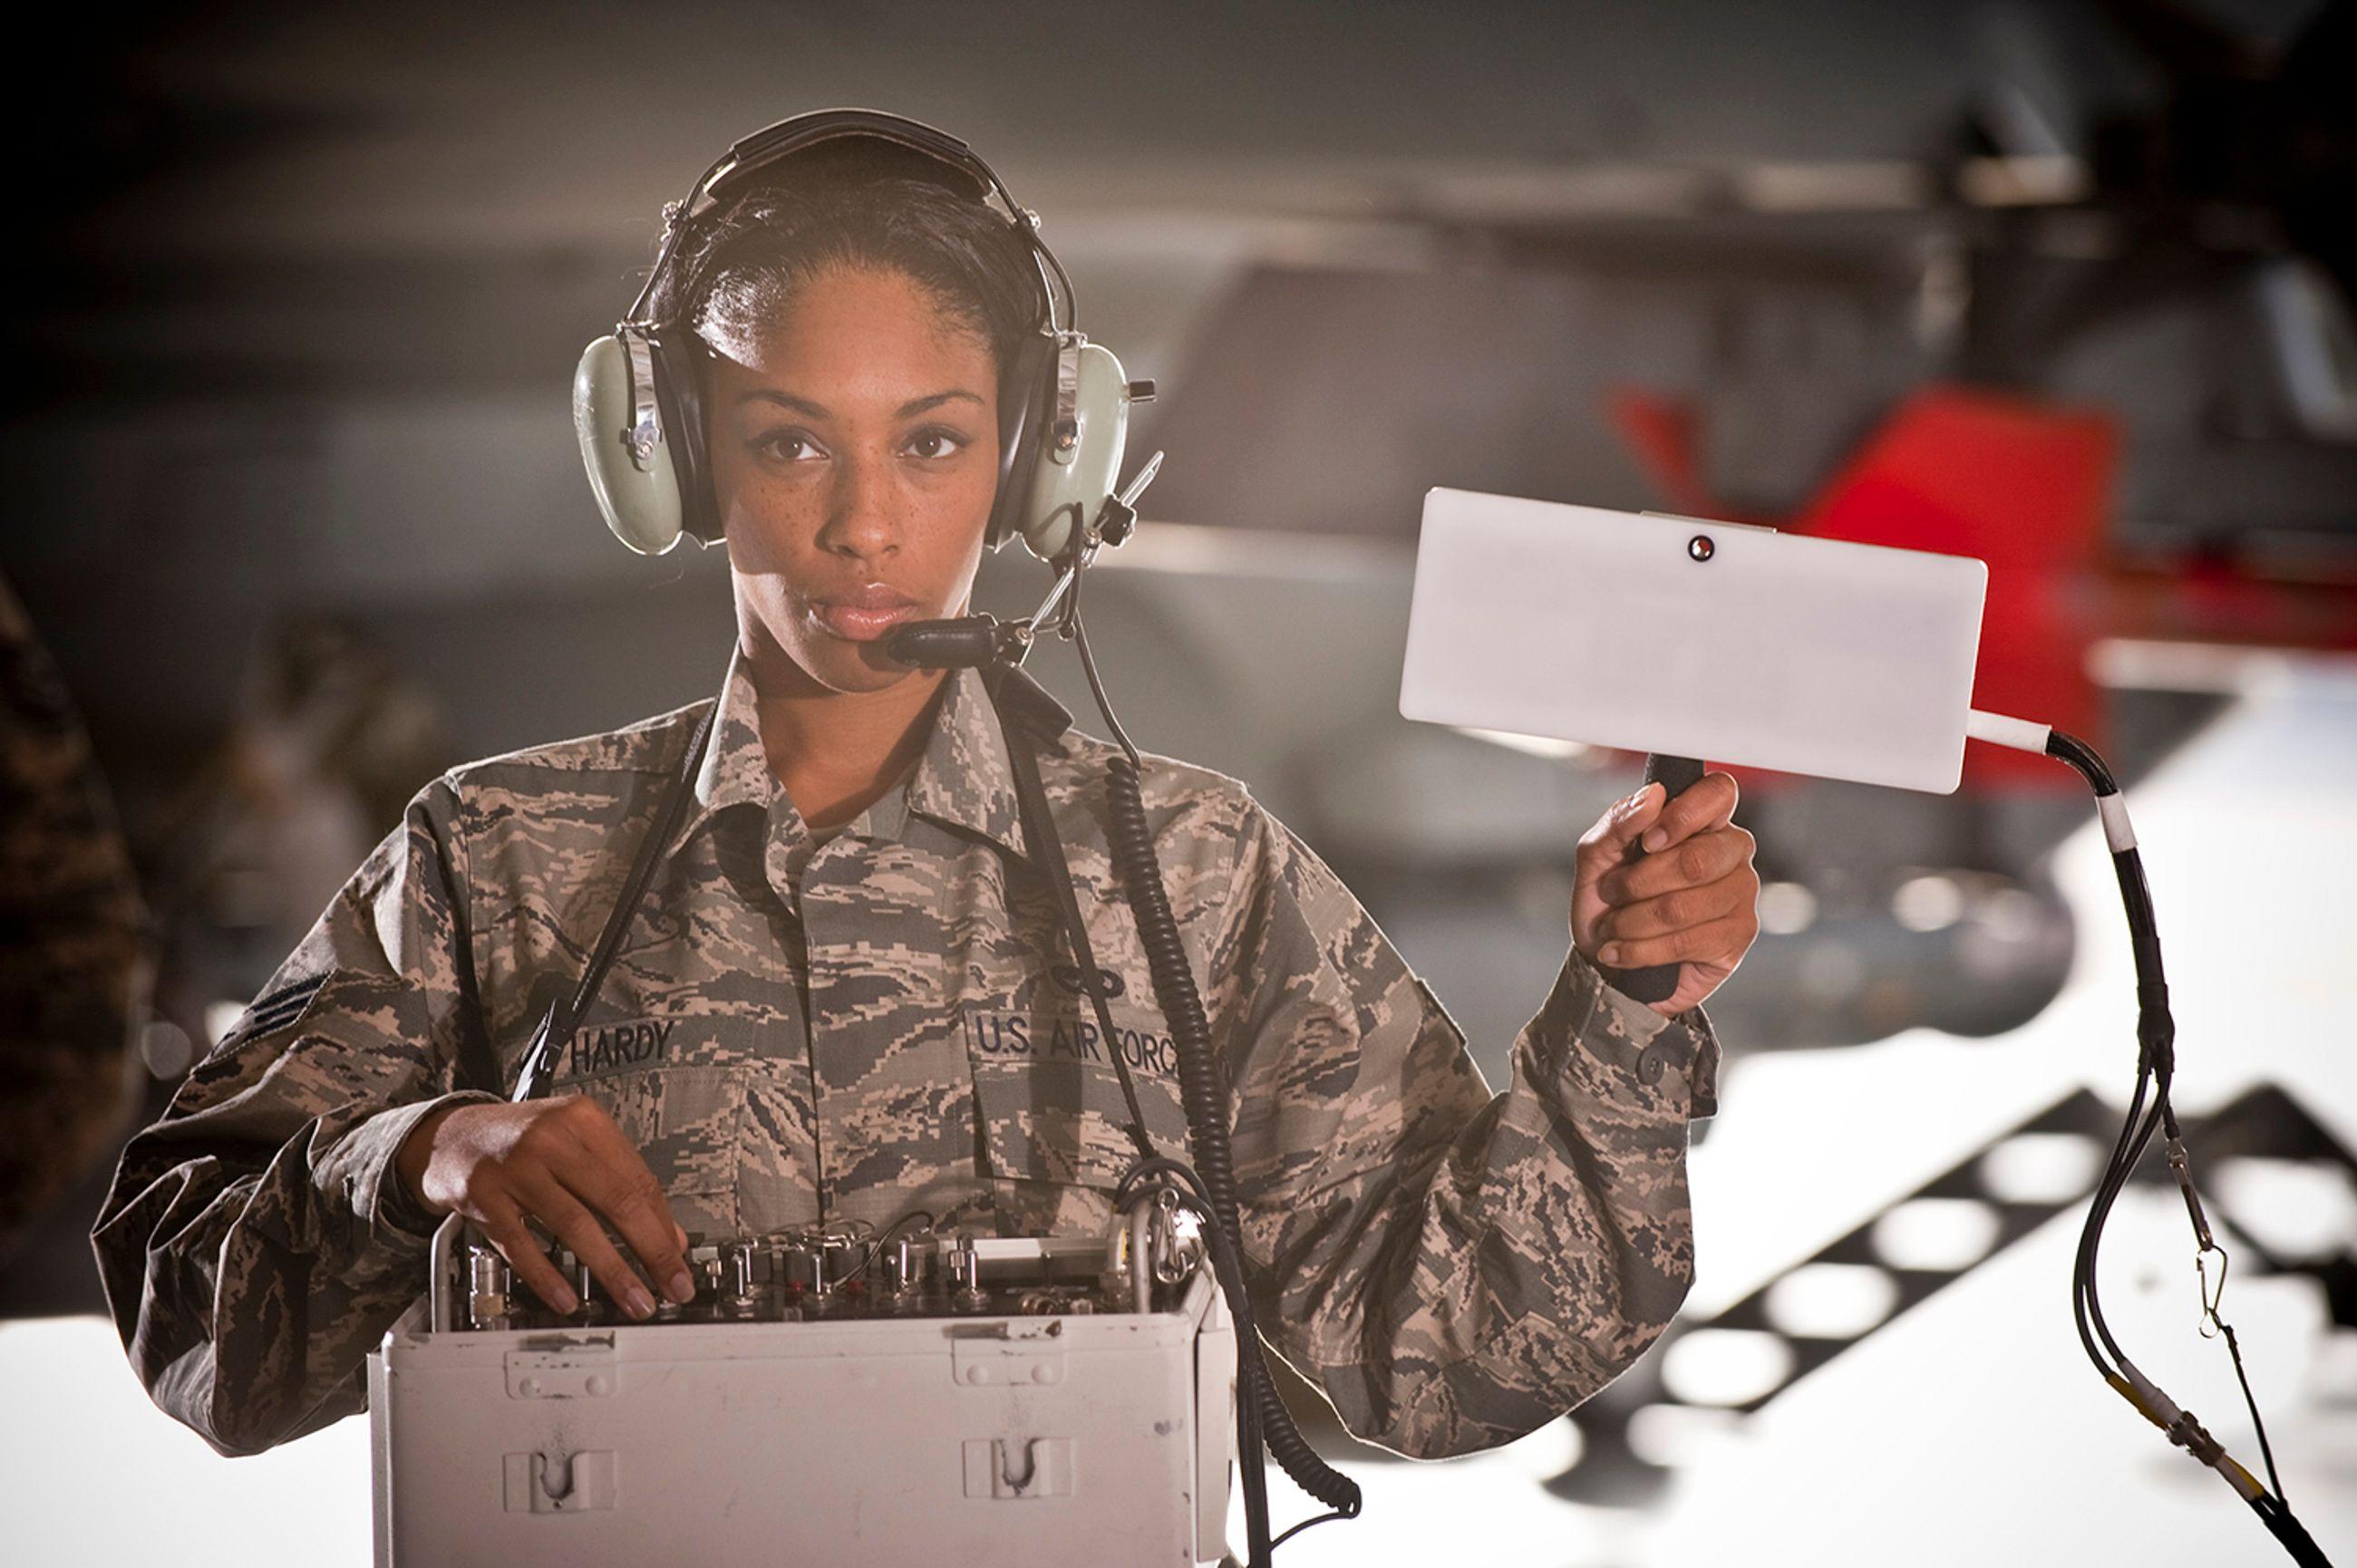 Flight Equipment